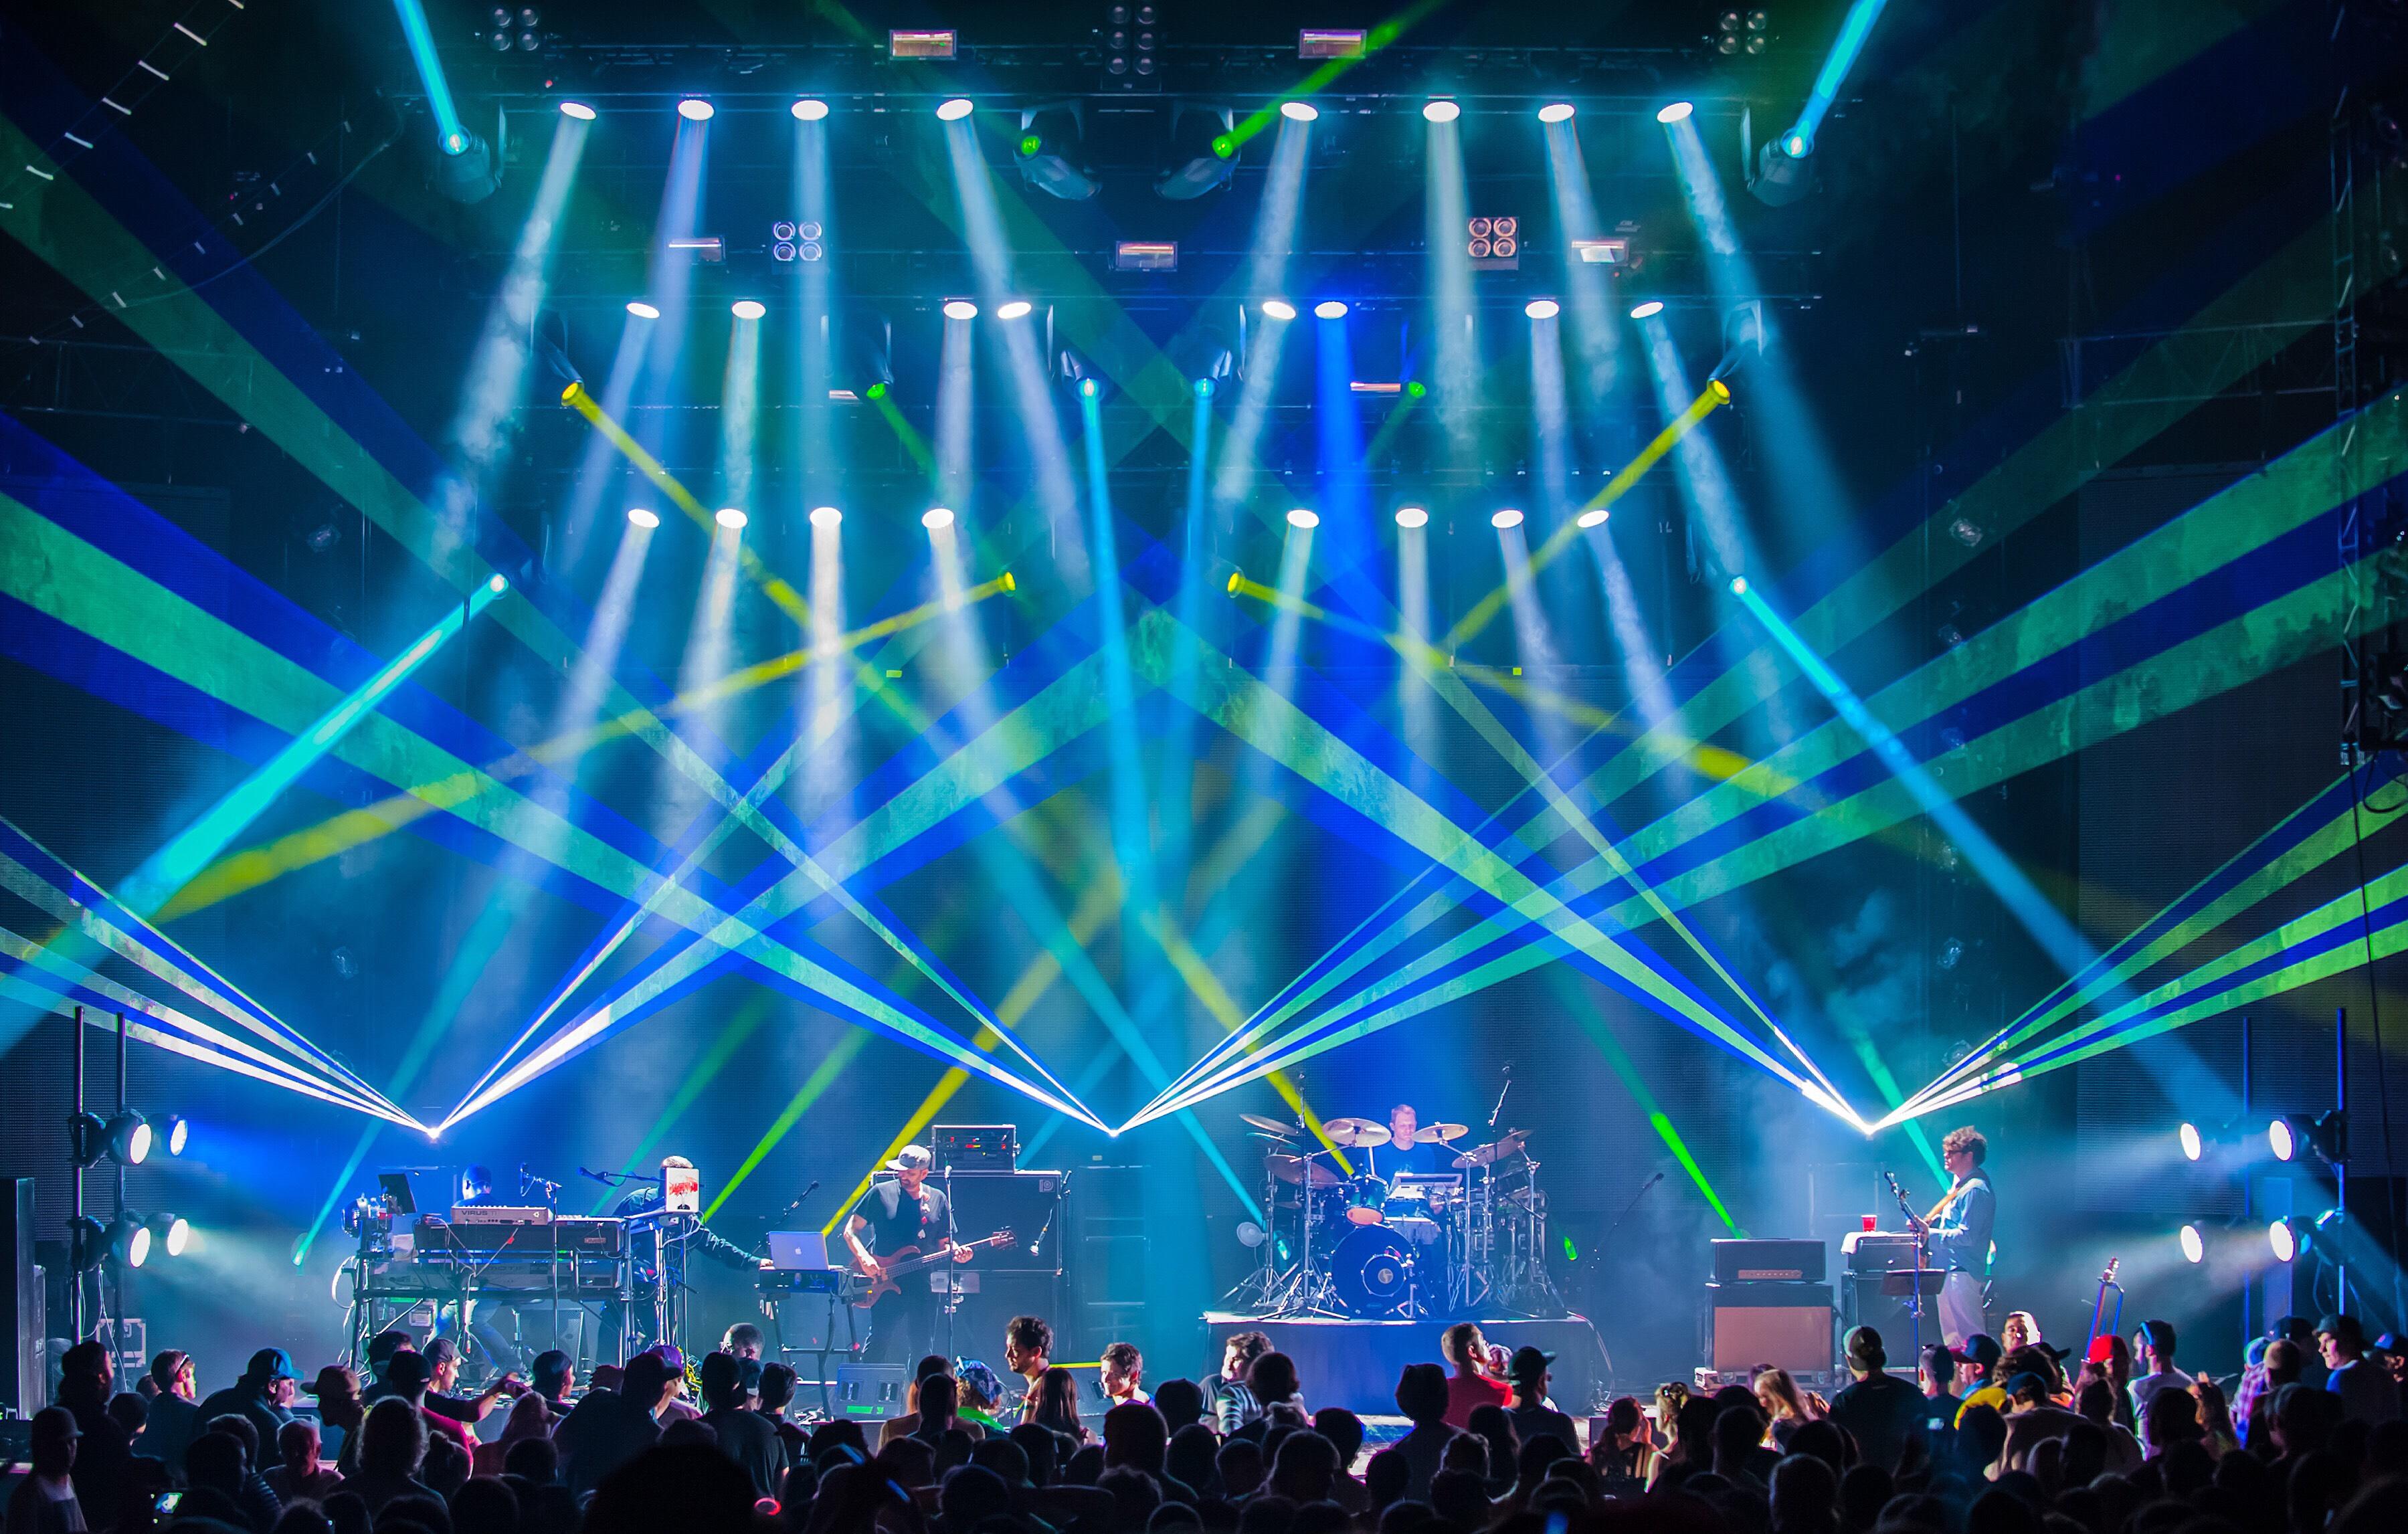 Penyelenggara  Konser/ Festival  MUSiK  Hiburan